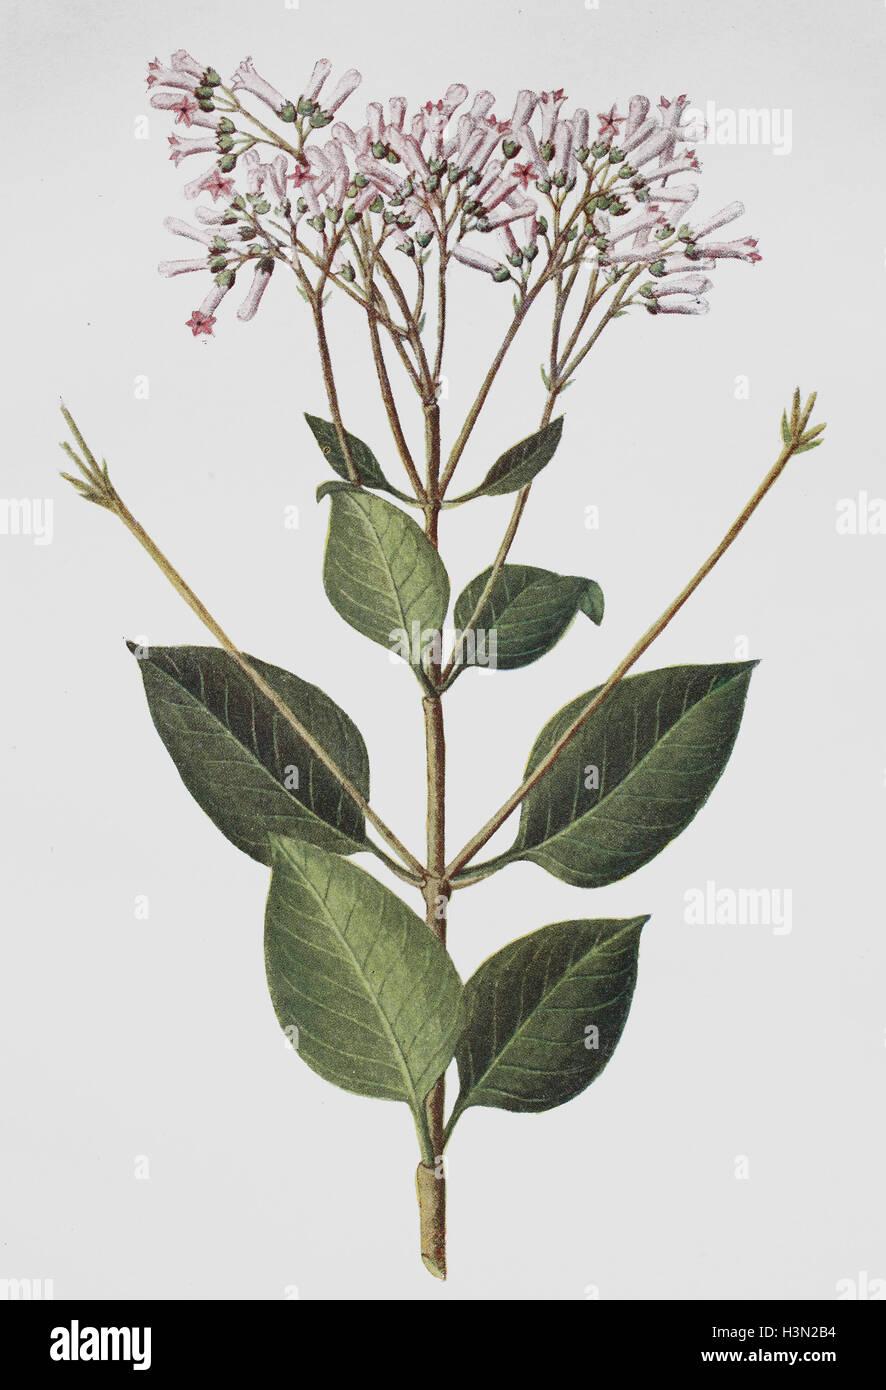 China pubescens, storico illustrazione, 1880 Immagini Stock